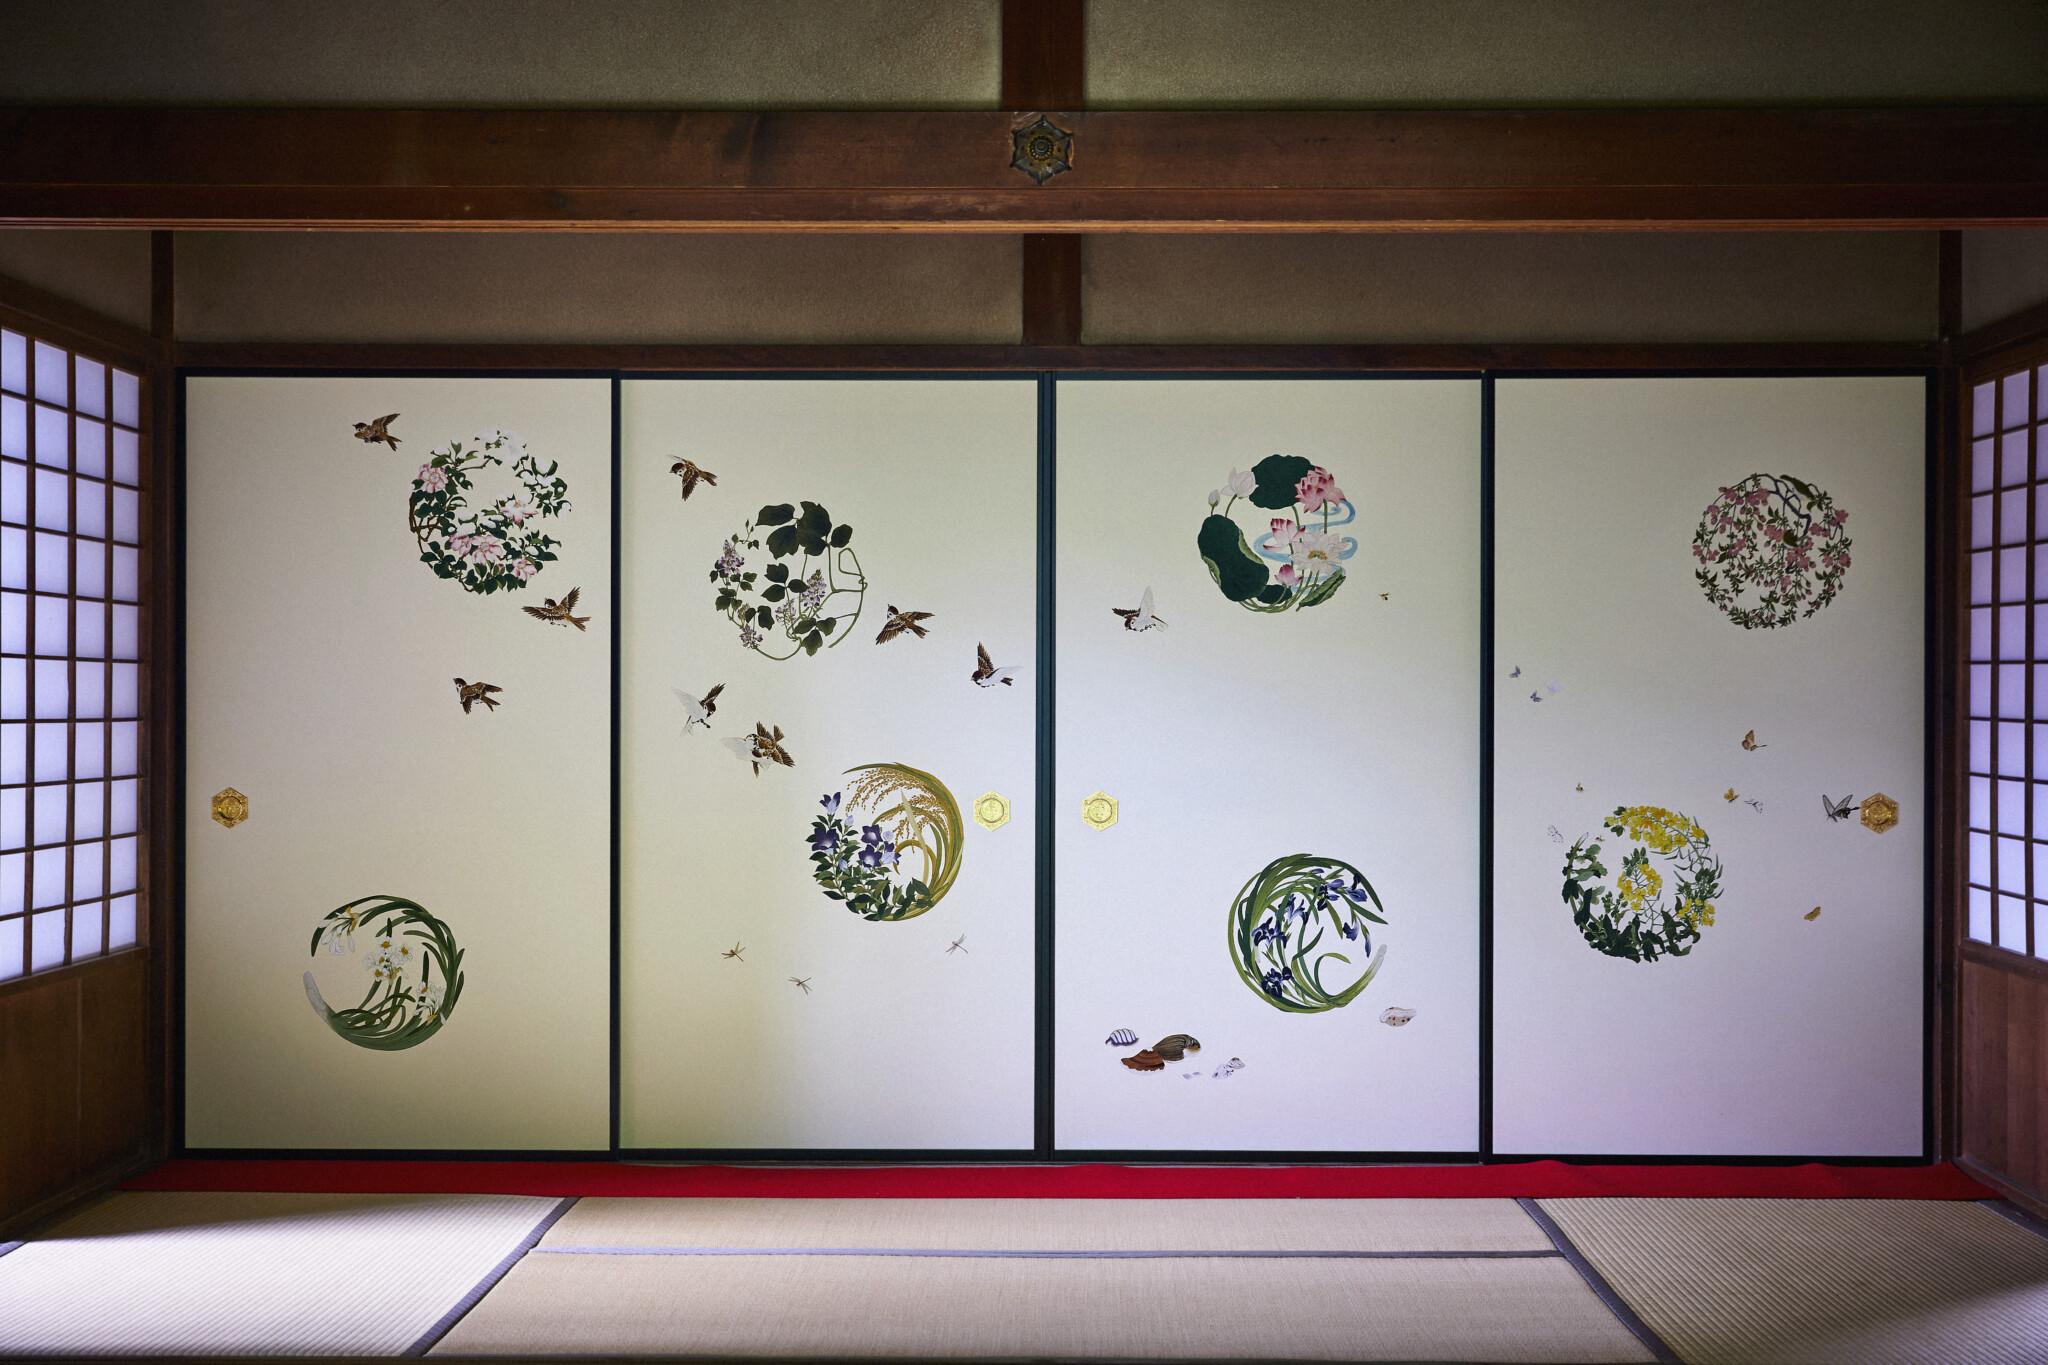 【京都】花に彩られる襖絵〈大雄院〉、現代のアーティストによる襖絵が続々と。